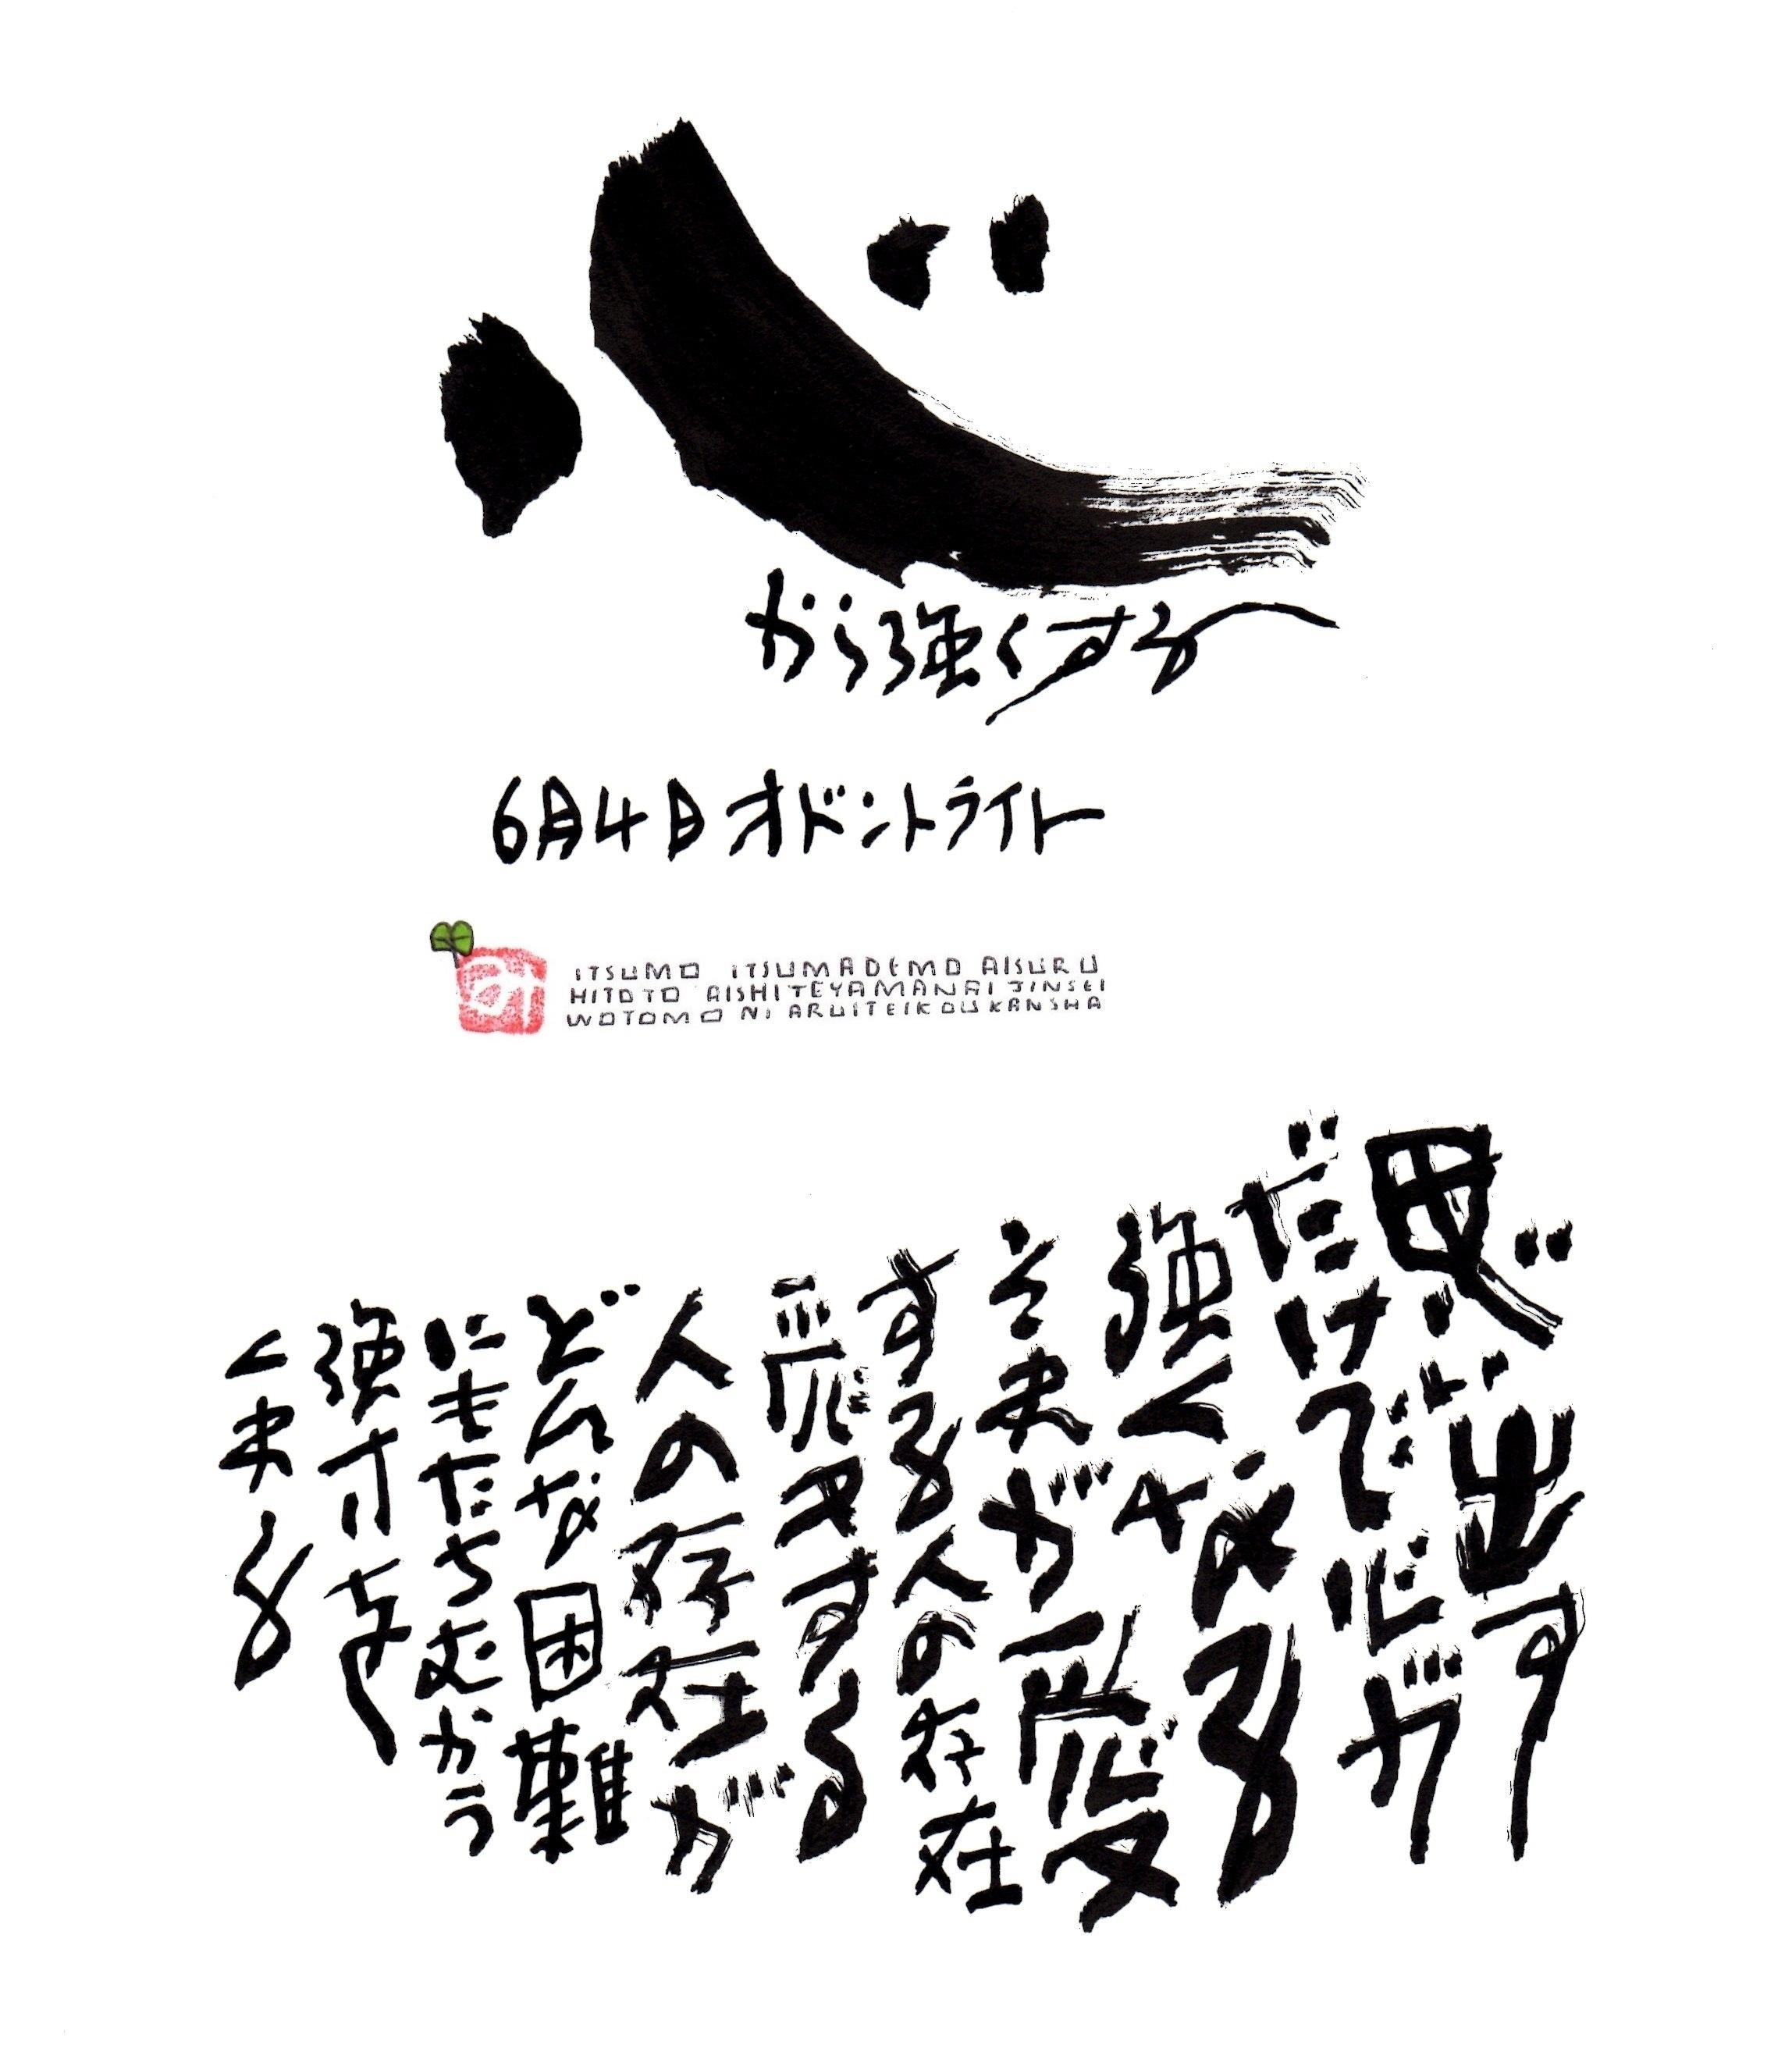 6月4日 結婚記念日ポストカード【心から強くする】